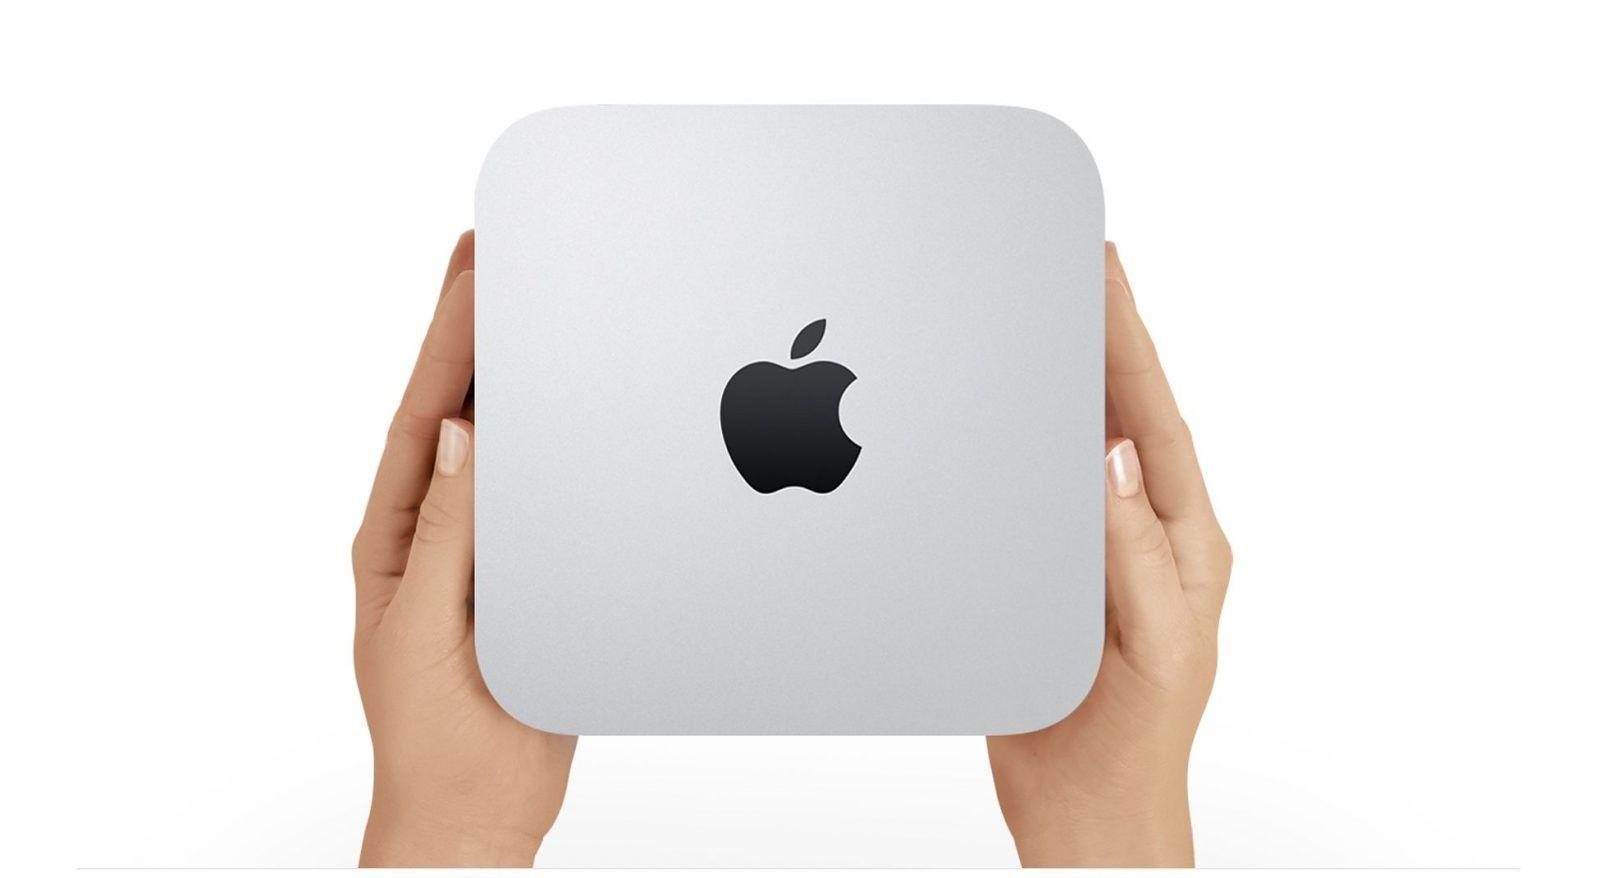 Mac mini zostanie wreszcie zaktualizowany?